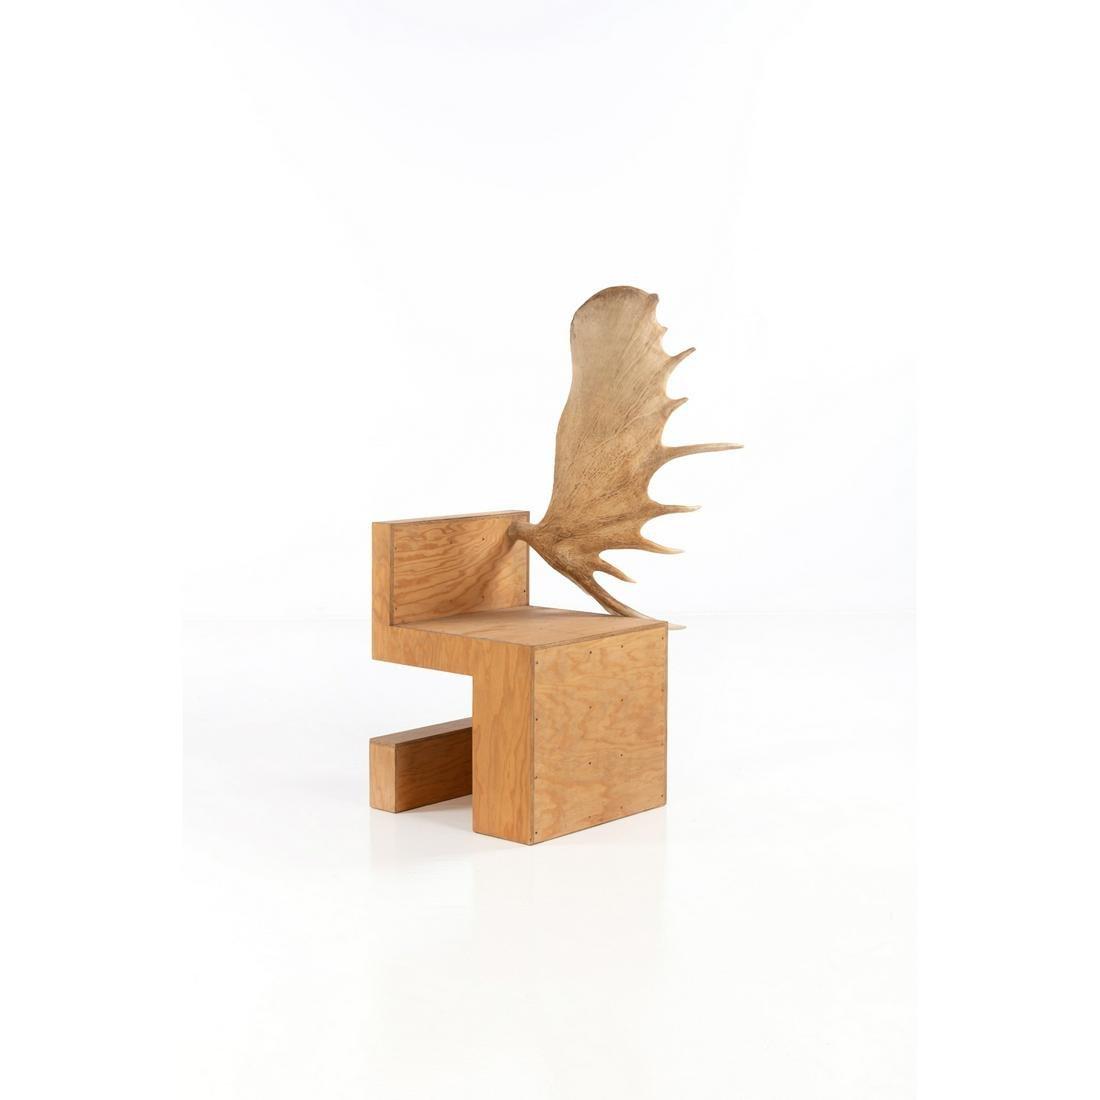 ƒ Rick Owens (born 1962) Stag Chair - N°9/20